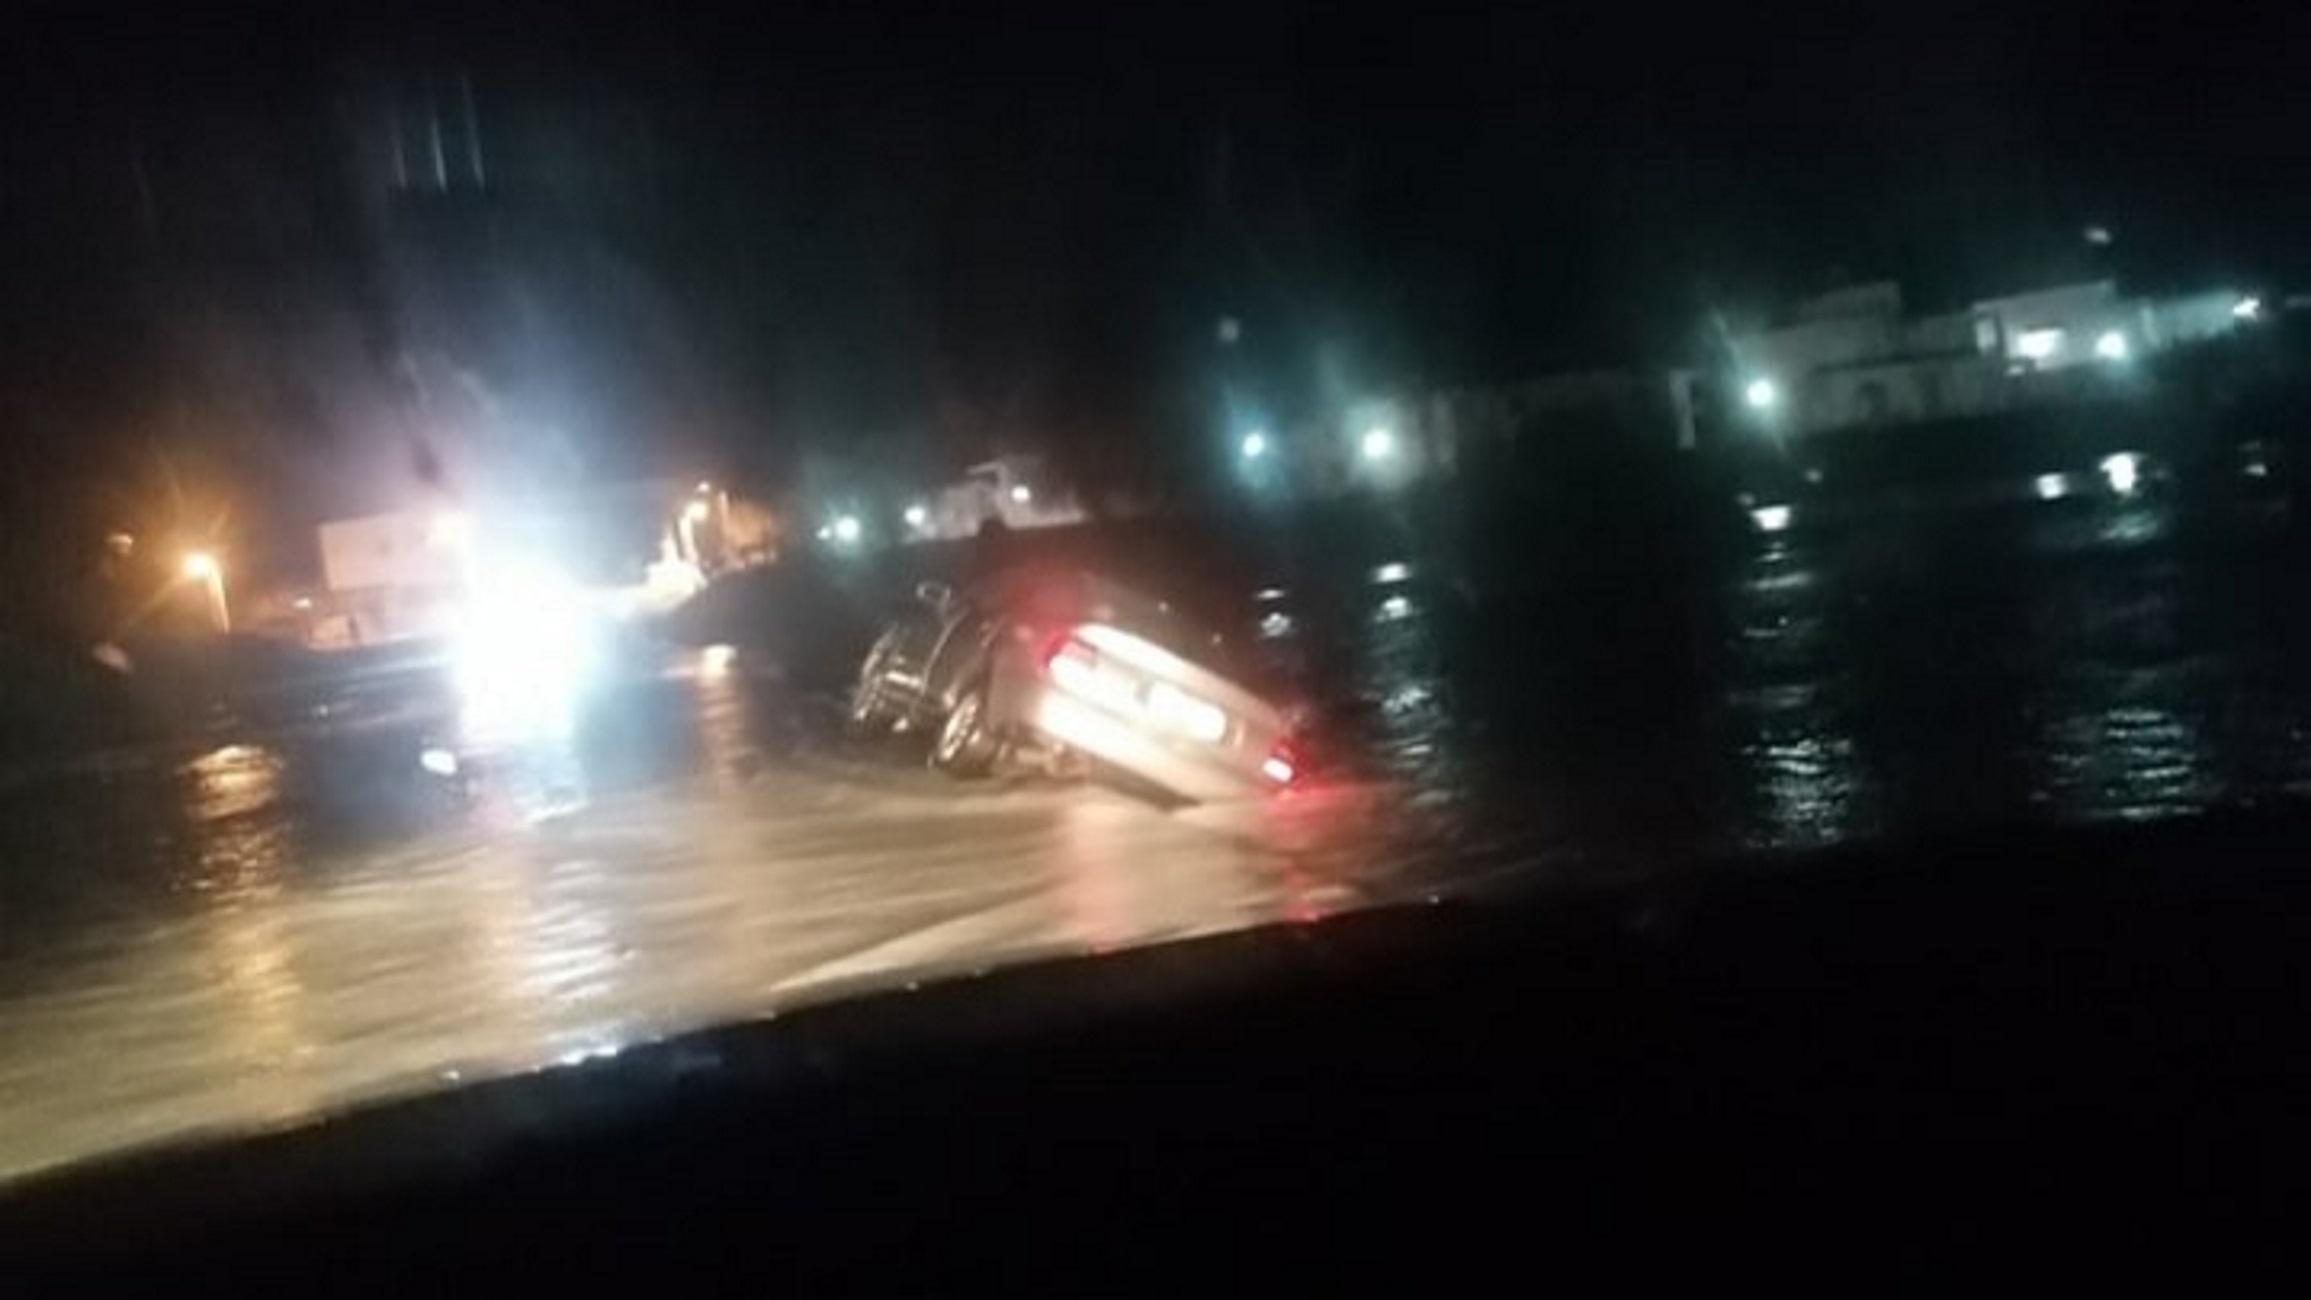 Ρόδος: Αυτοκίνητο παρασύρθηκε από ποτάμι! Ο οδηγός ρίσκαρε την ίδια του, τη ζωή [pics]